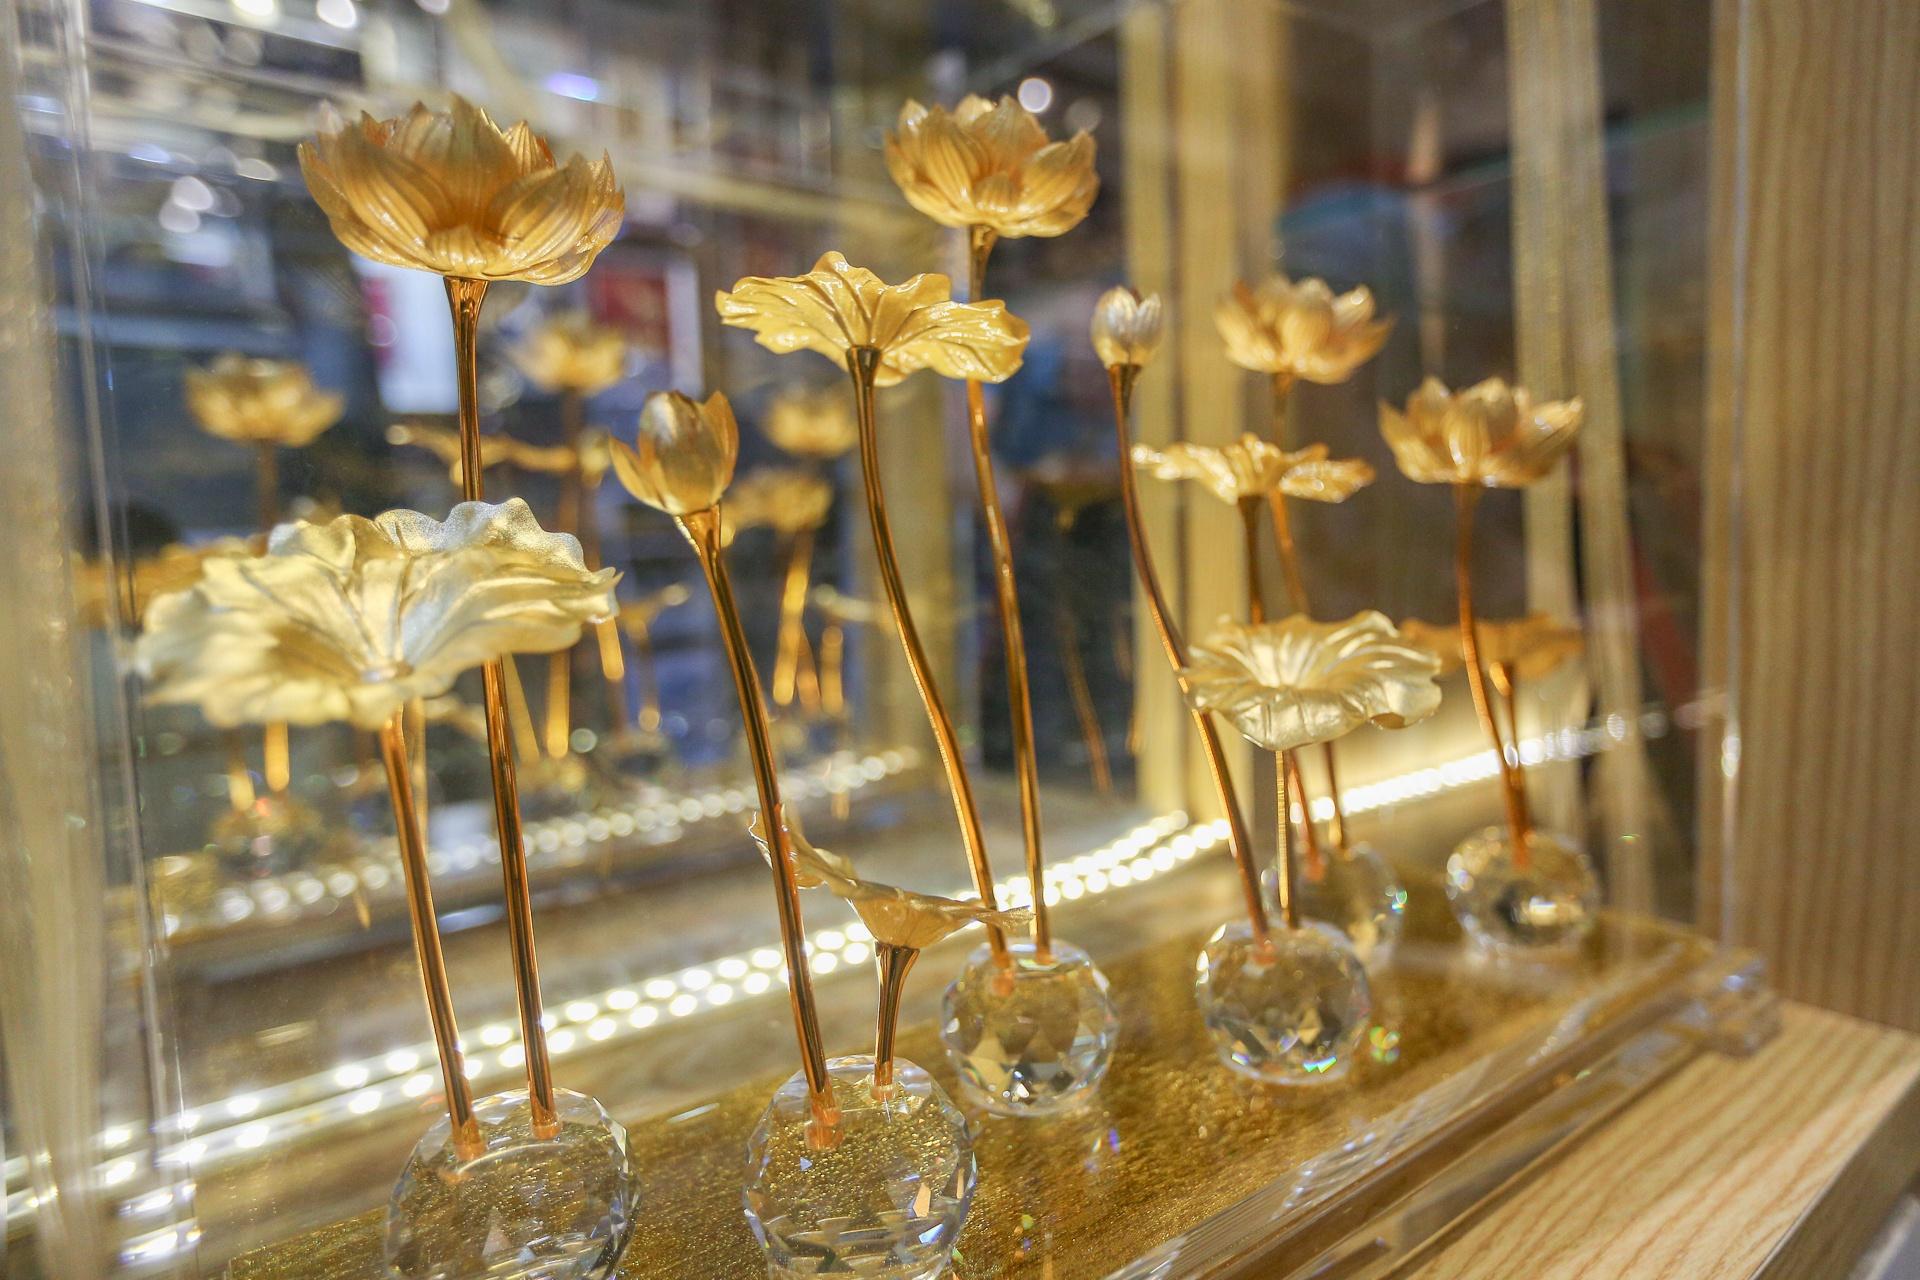 Hoa mạ vàng tiền triệu ngập tràn thị trường quà tặng ngày 8/3 - Ảnh 8.